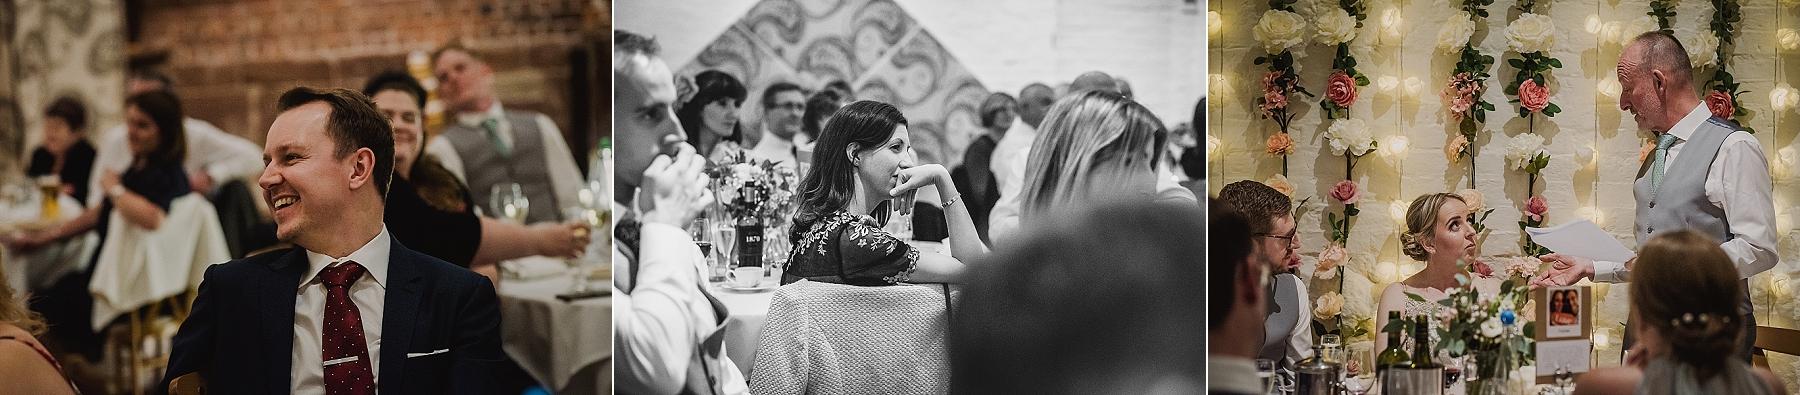 ROZ_RICH_curradine_wedding_0084.jpg